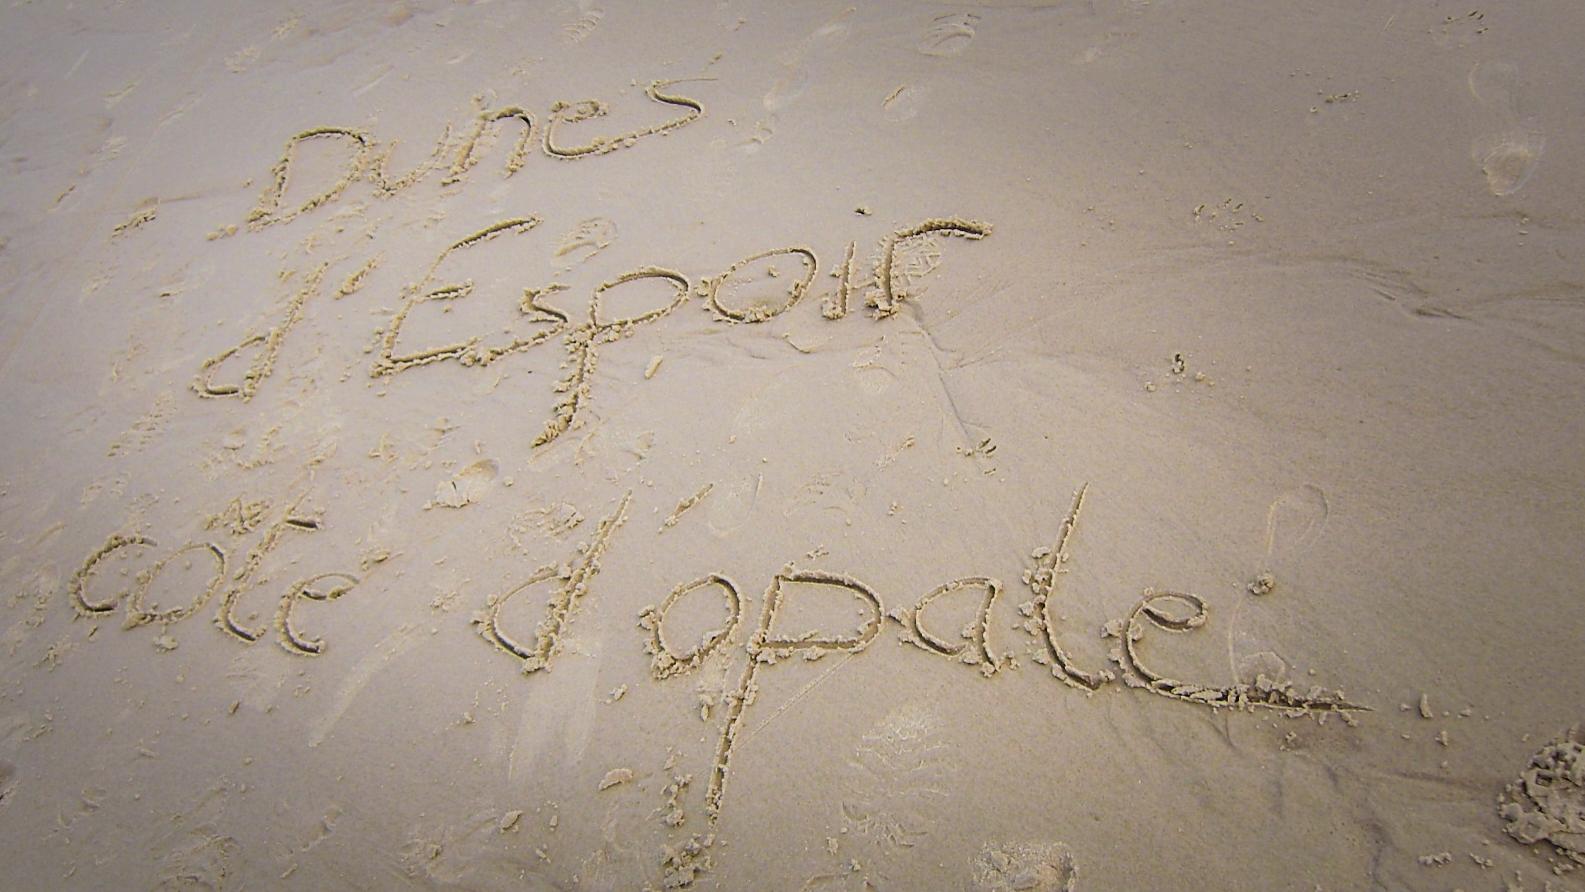 Dunes-Espoir_-_2010-09_-_Trail_Cote_d_Opale-2010-09-08_0009